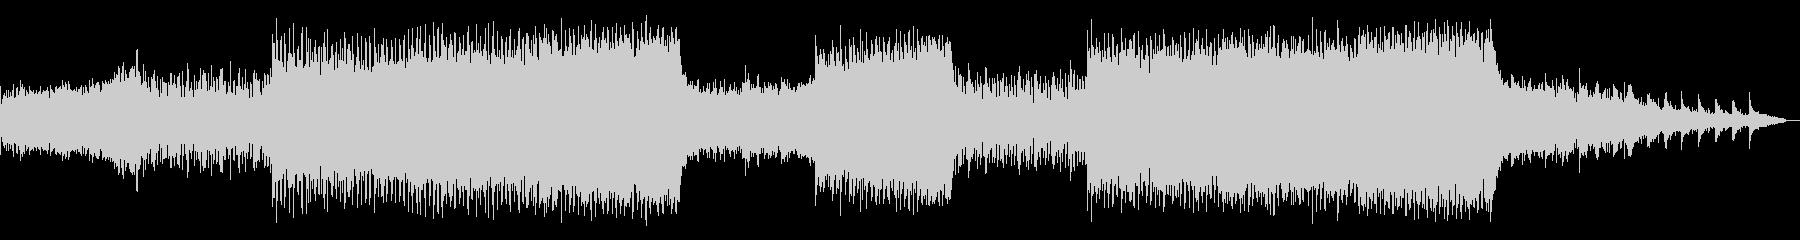 近未来的でポップなハウスミューシックの未再生の波形